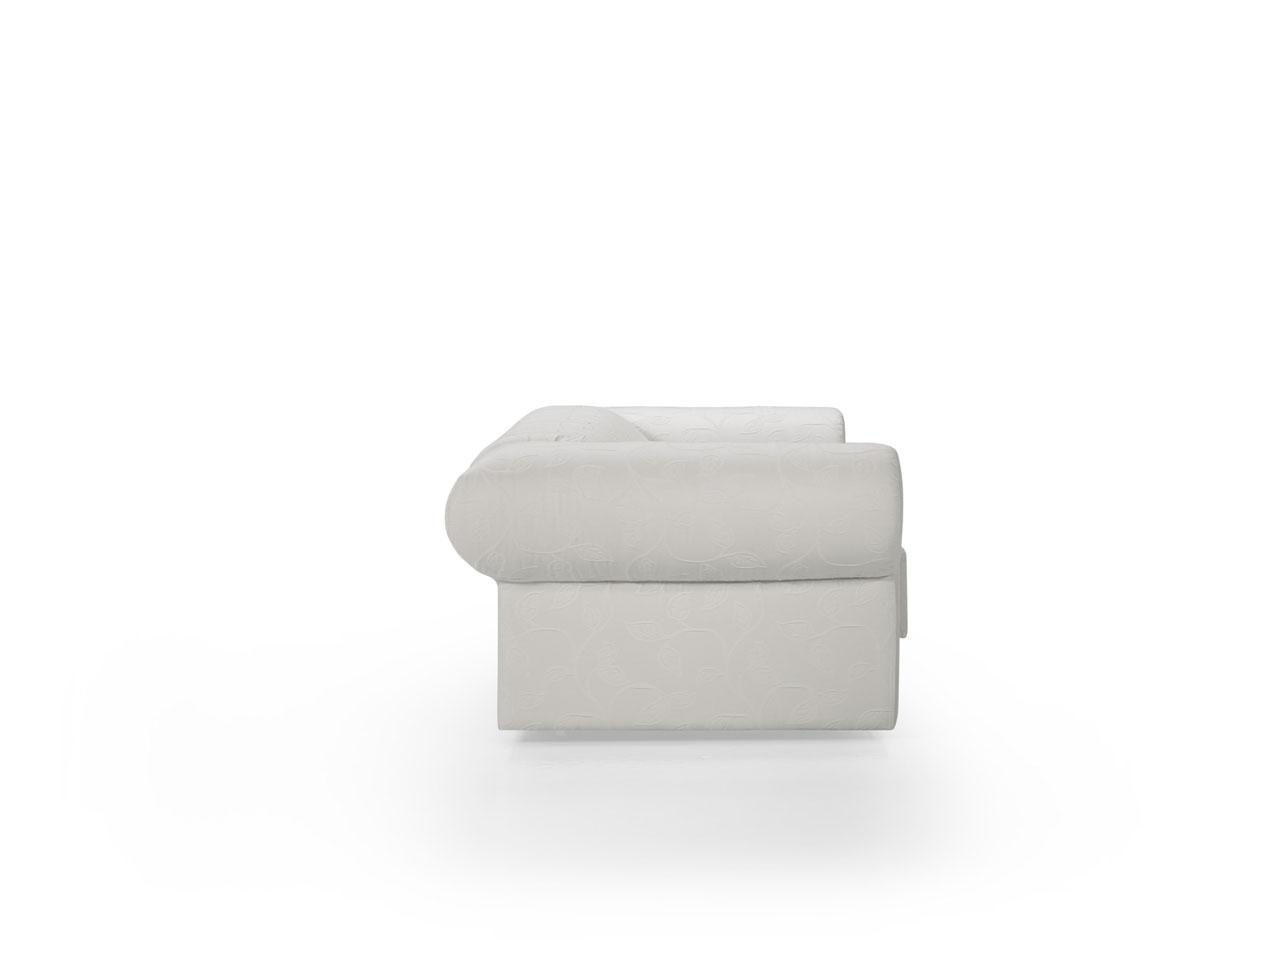 Comprar cama nido sofa online tienda online de sof s - Comprar sofa cama madrid ...